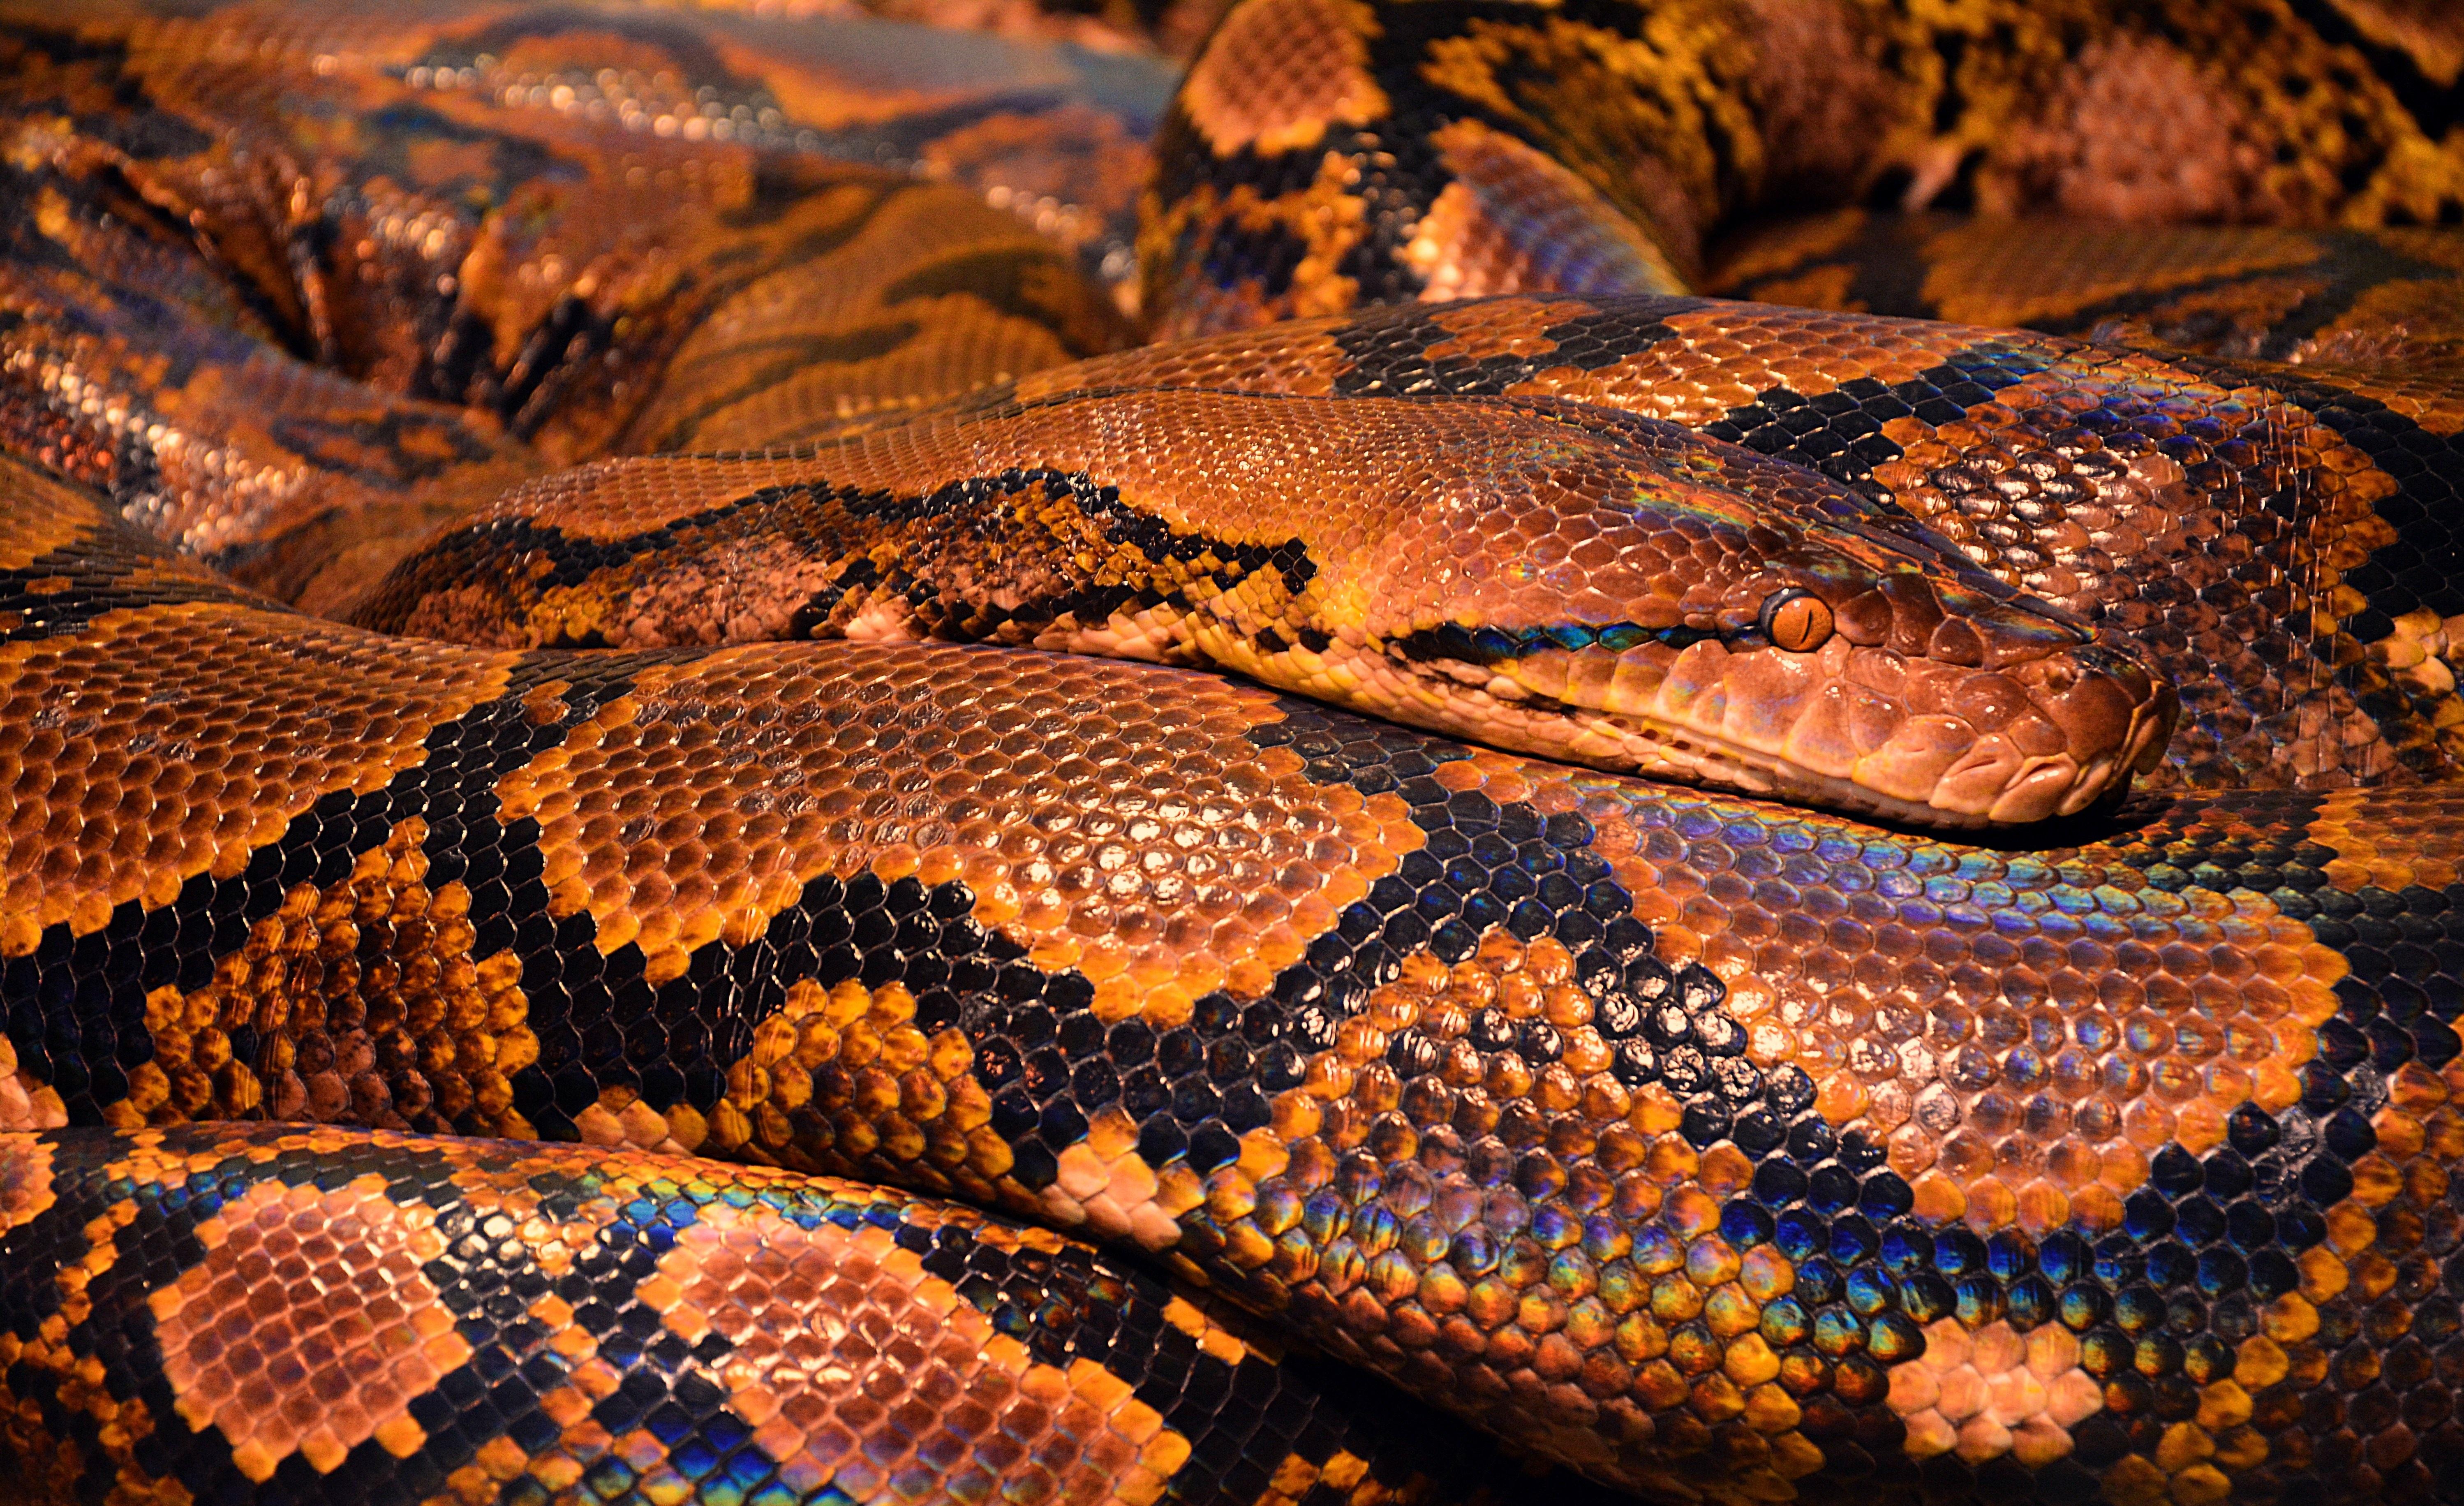 snake-771541